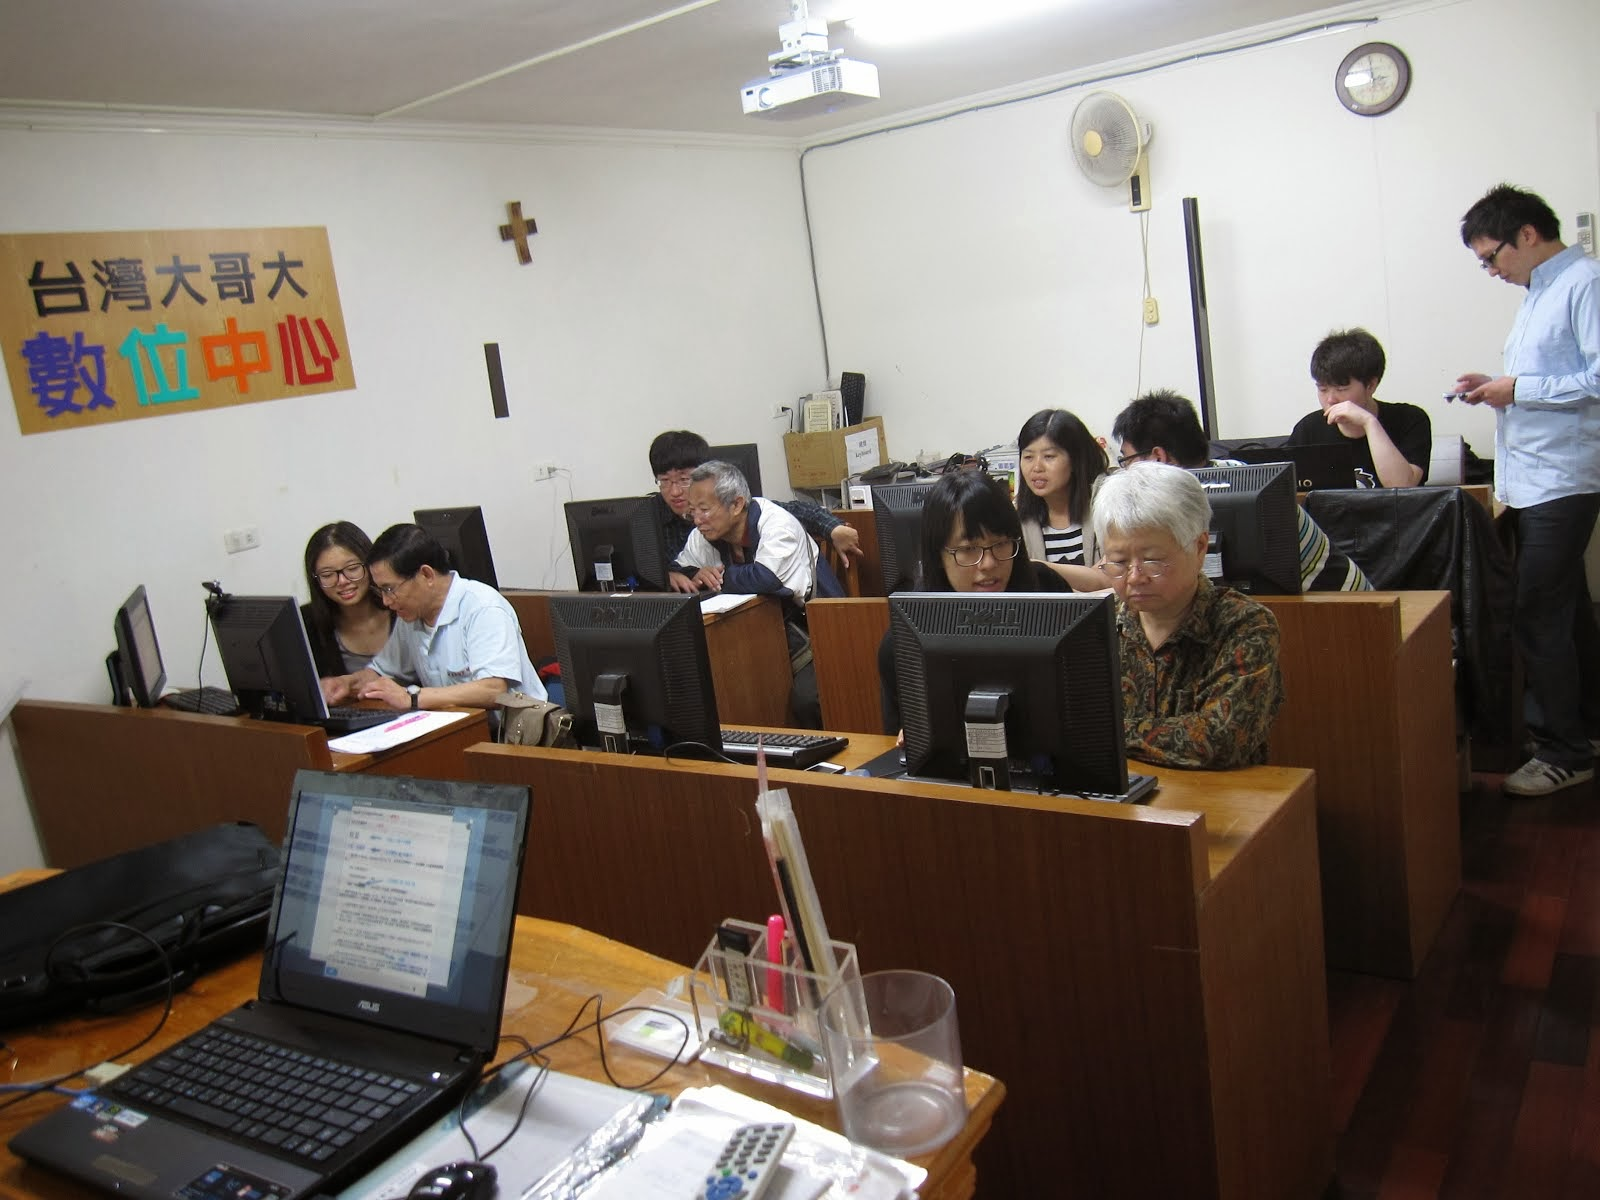 社區電腦班